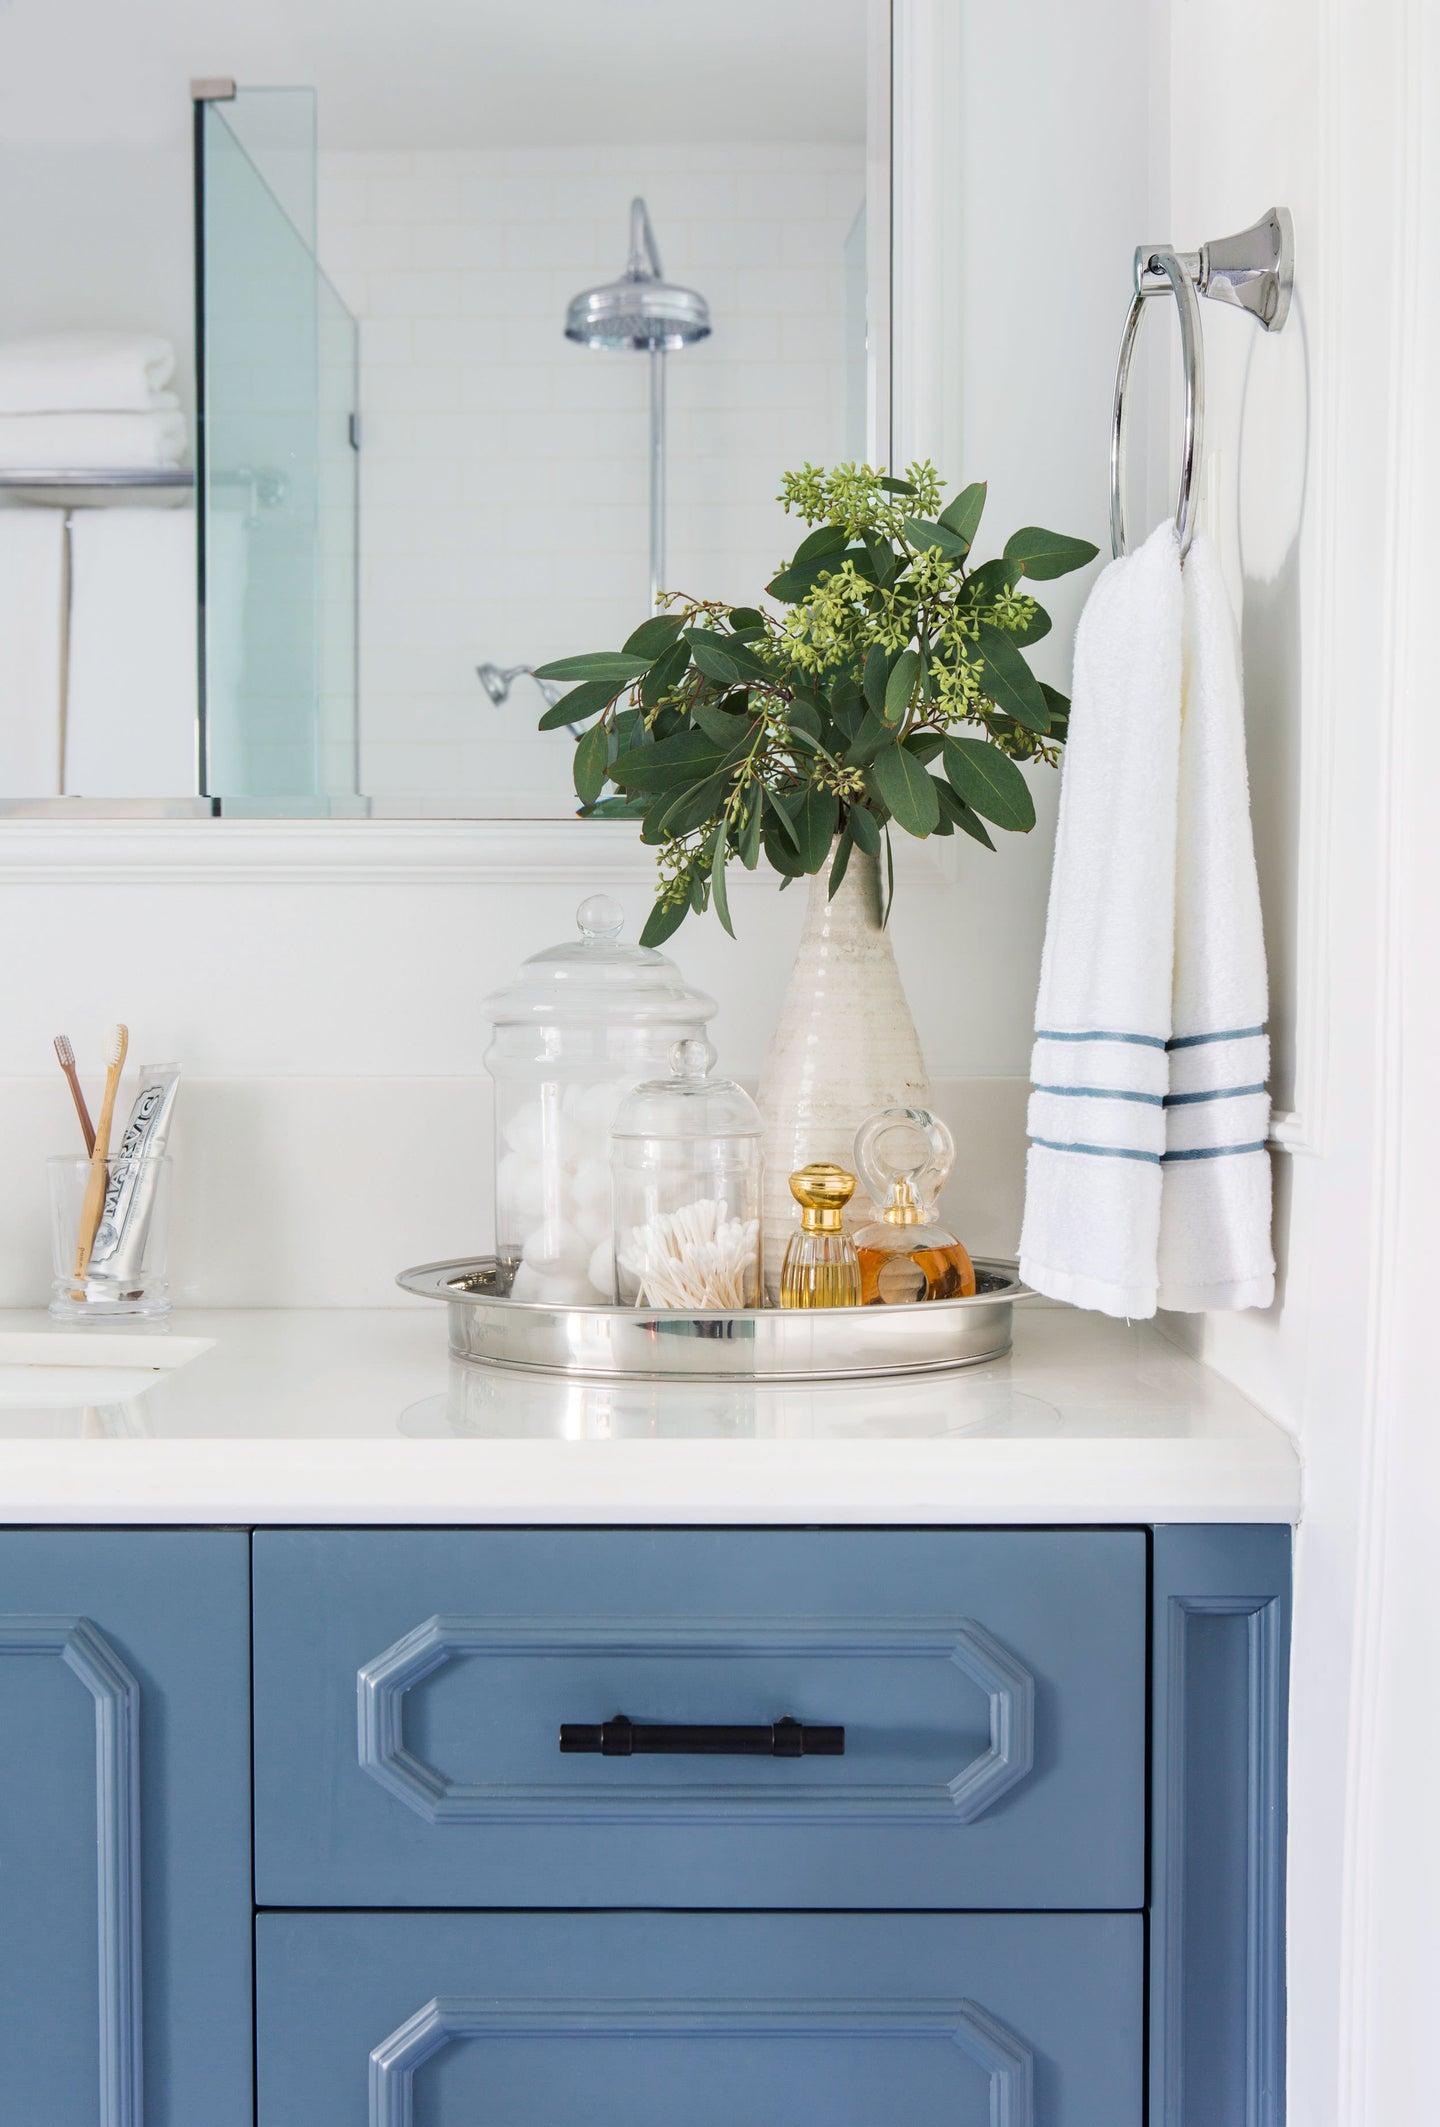 Blue bathroom countertop